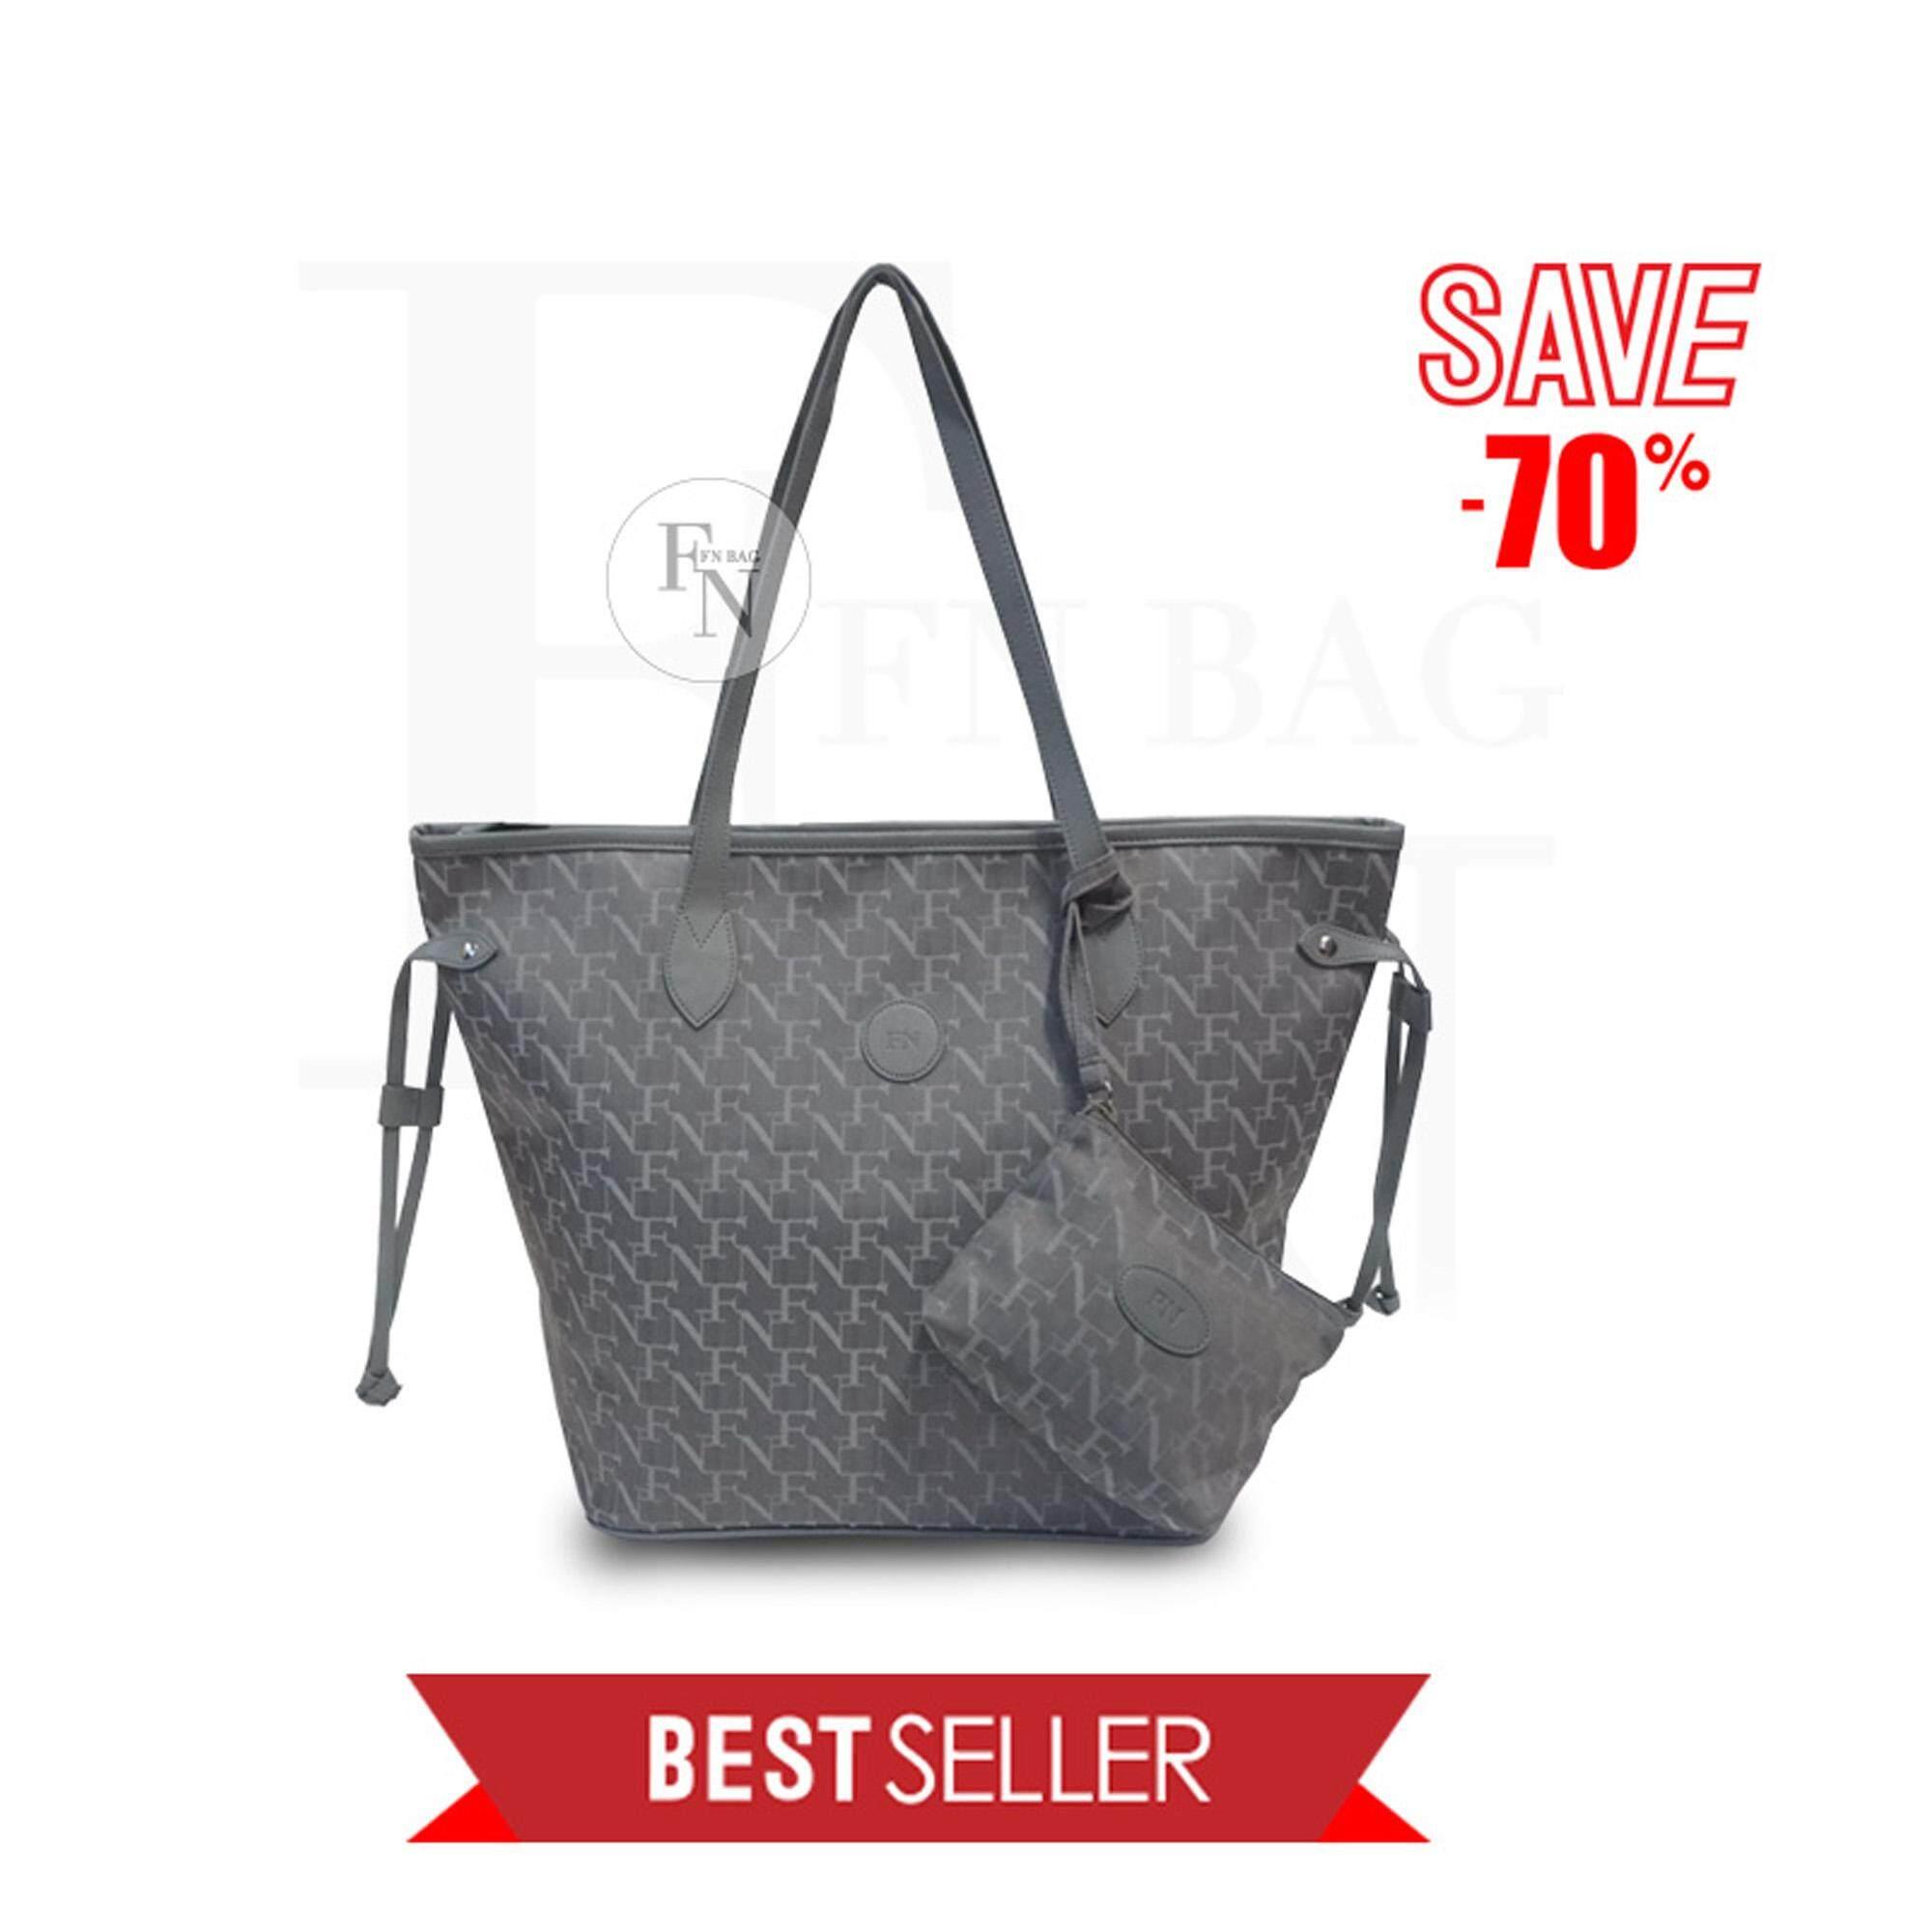 ราคา ราคาถูกที่สุด Fn Bag กระเป๋า Tote Bag 1208 30003 005 Col Grey